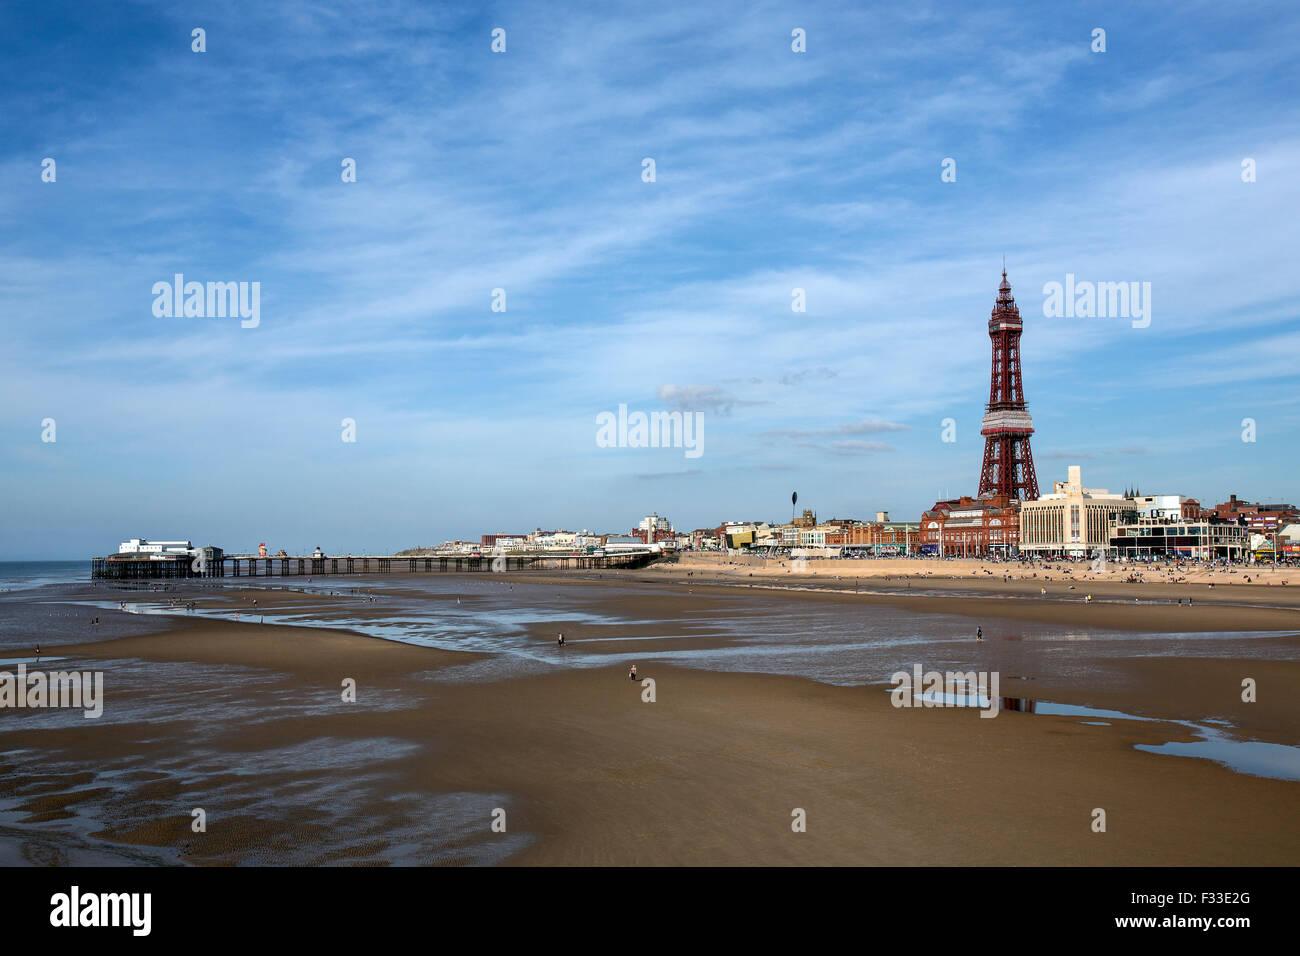 El Old North Pier y la Torre de Blackpool, en el balneario de Blackpool, en la costa del noroeste de Inglaterra. Imagen De Stock